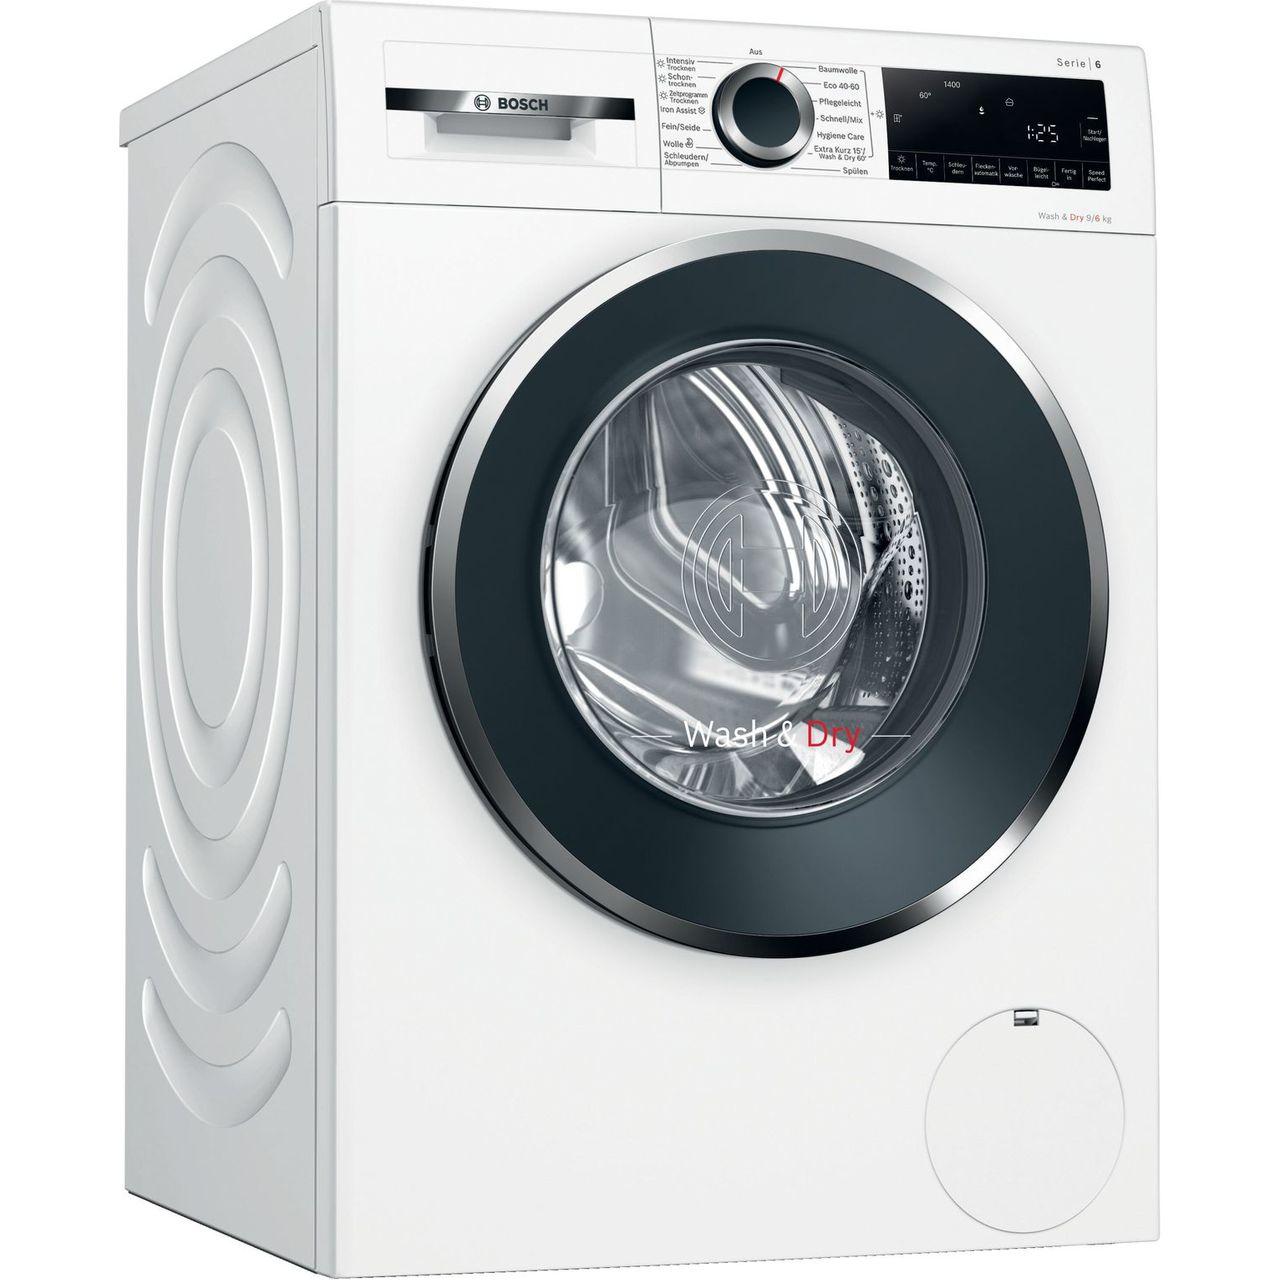 Bosch Serie 6 WNG24440 Waschtrockner - 9 kg Waschen / 6 kg Trocknen - Inverter Motor, Weiß, 1400 U/Min